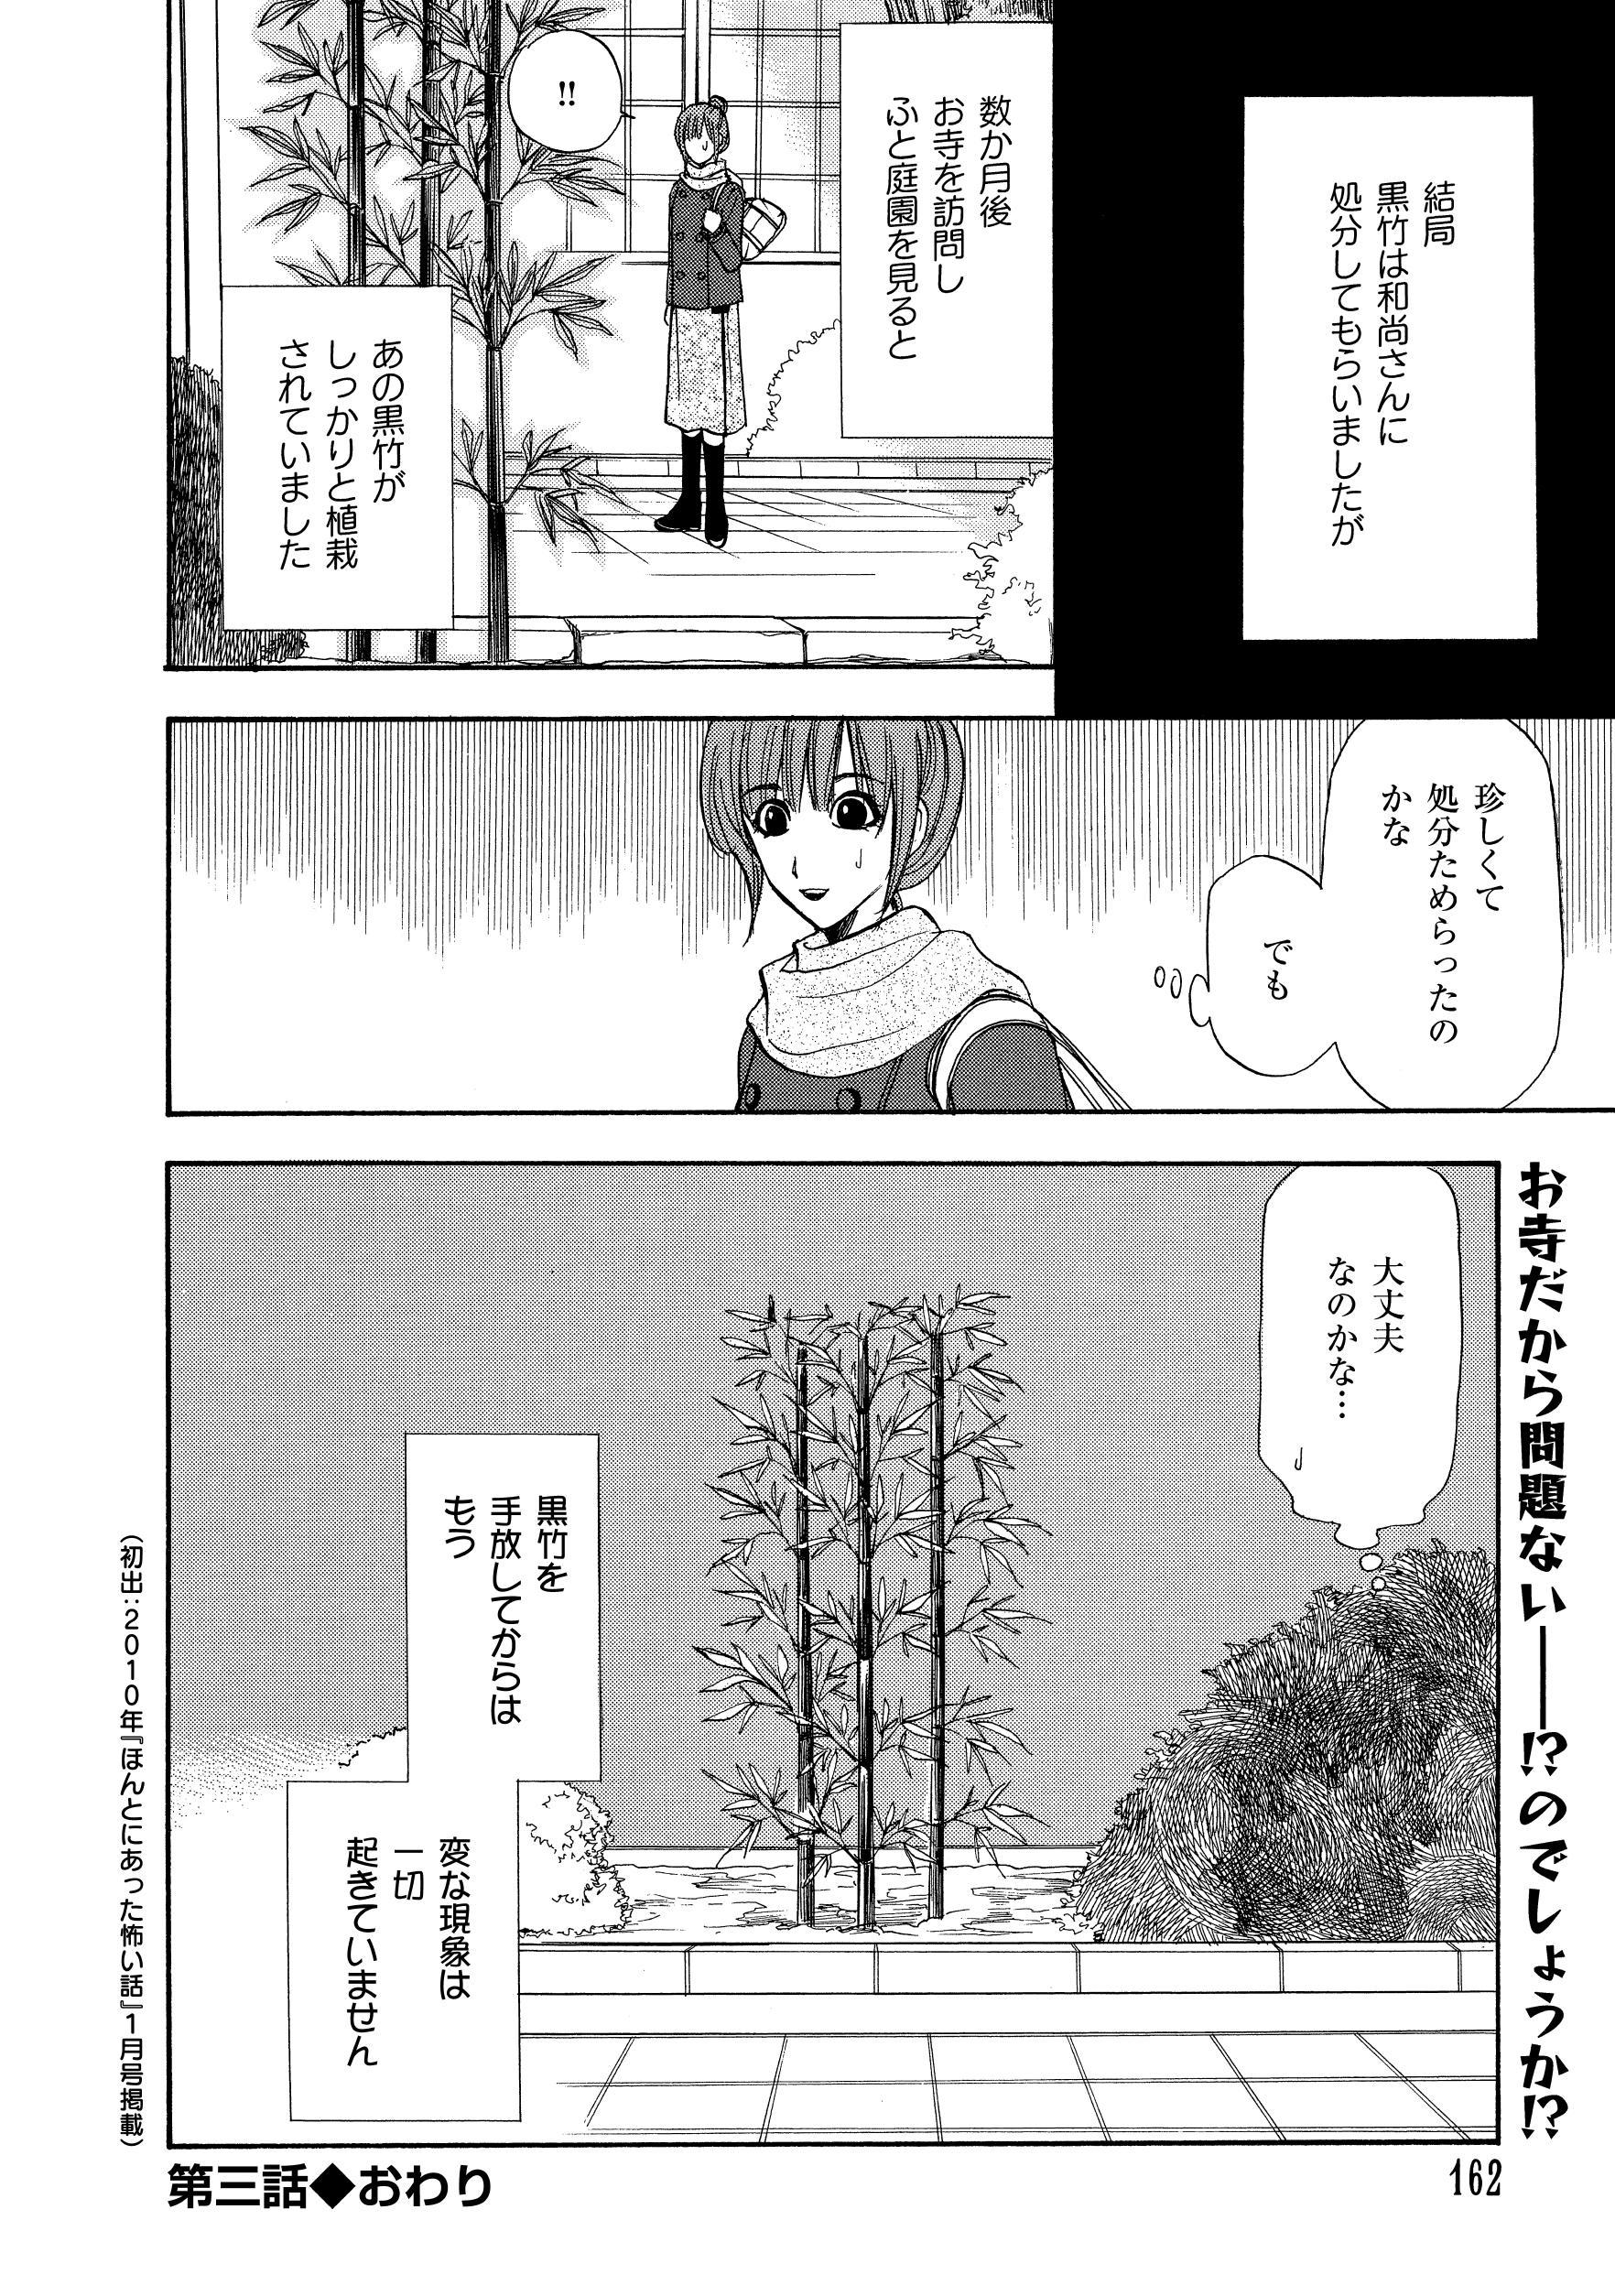 原作特集_162.jpg